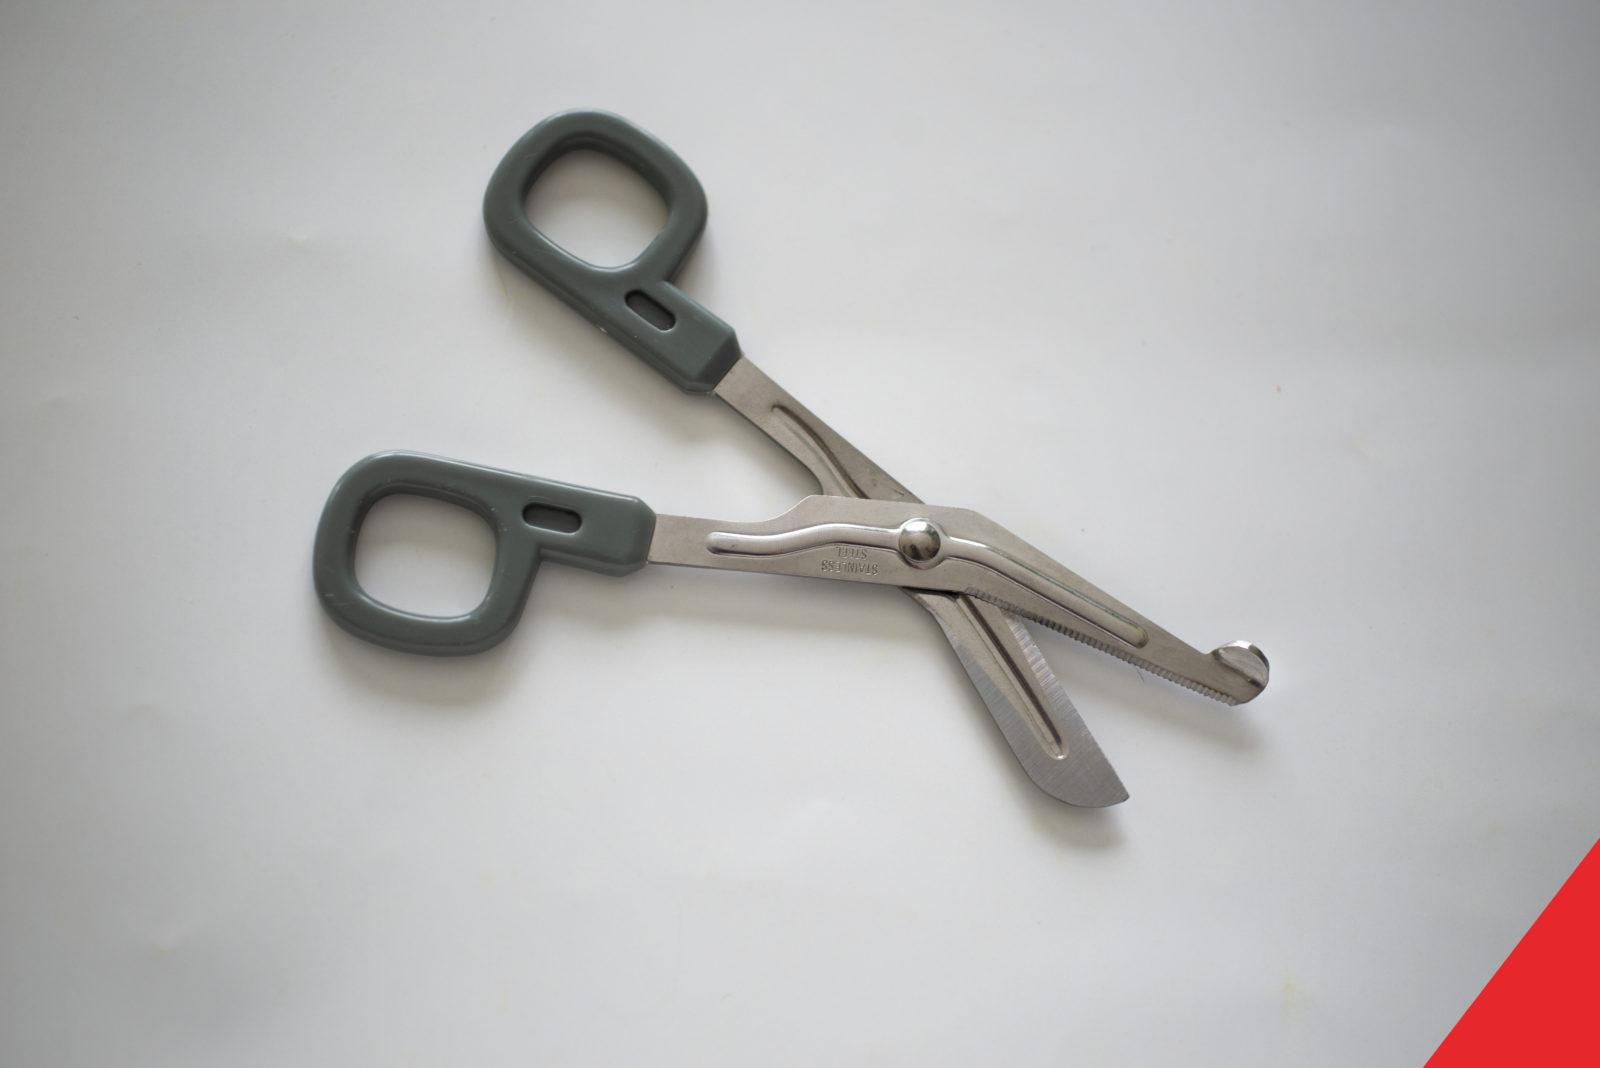 Nůžky se zoubky, které umožní stříhání jeanoviny nebo kožených motorkářských oděvů.